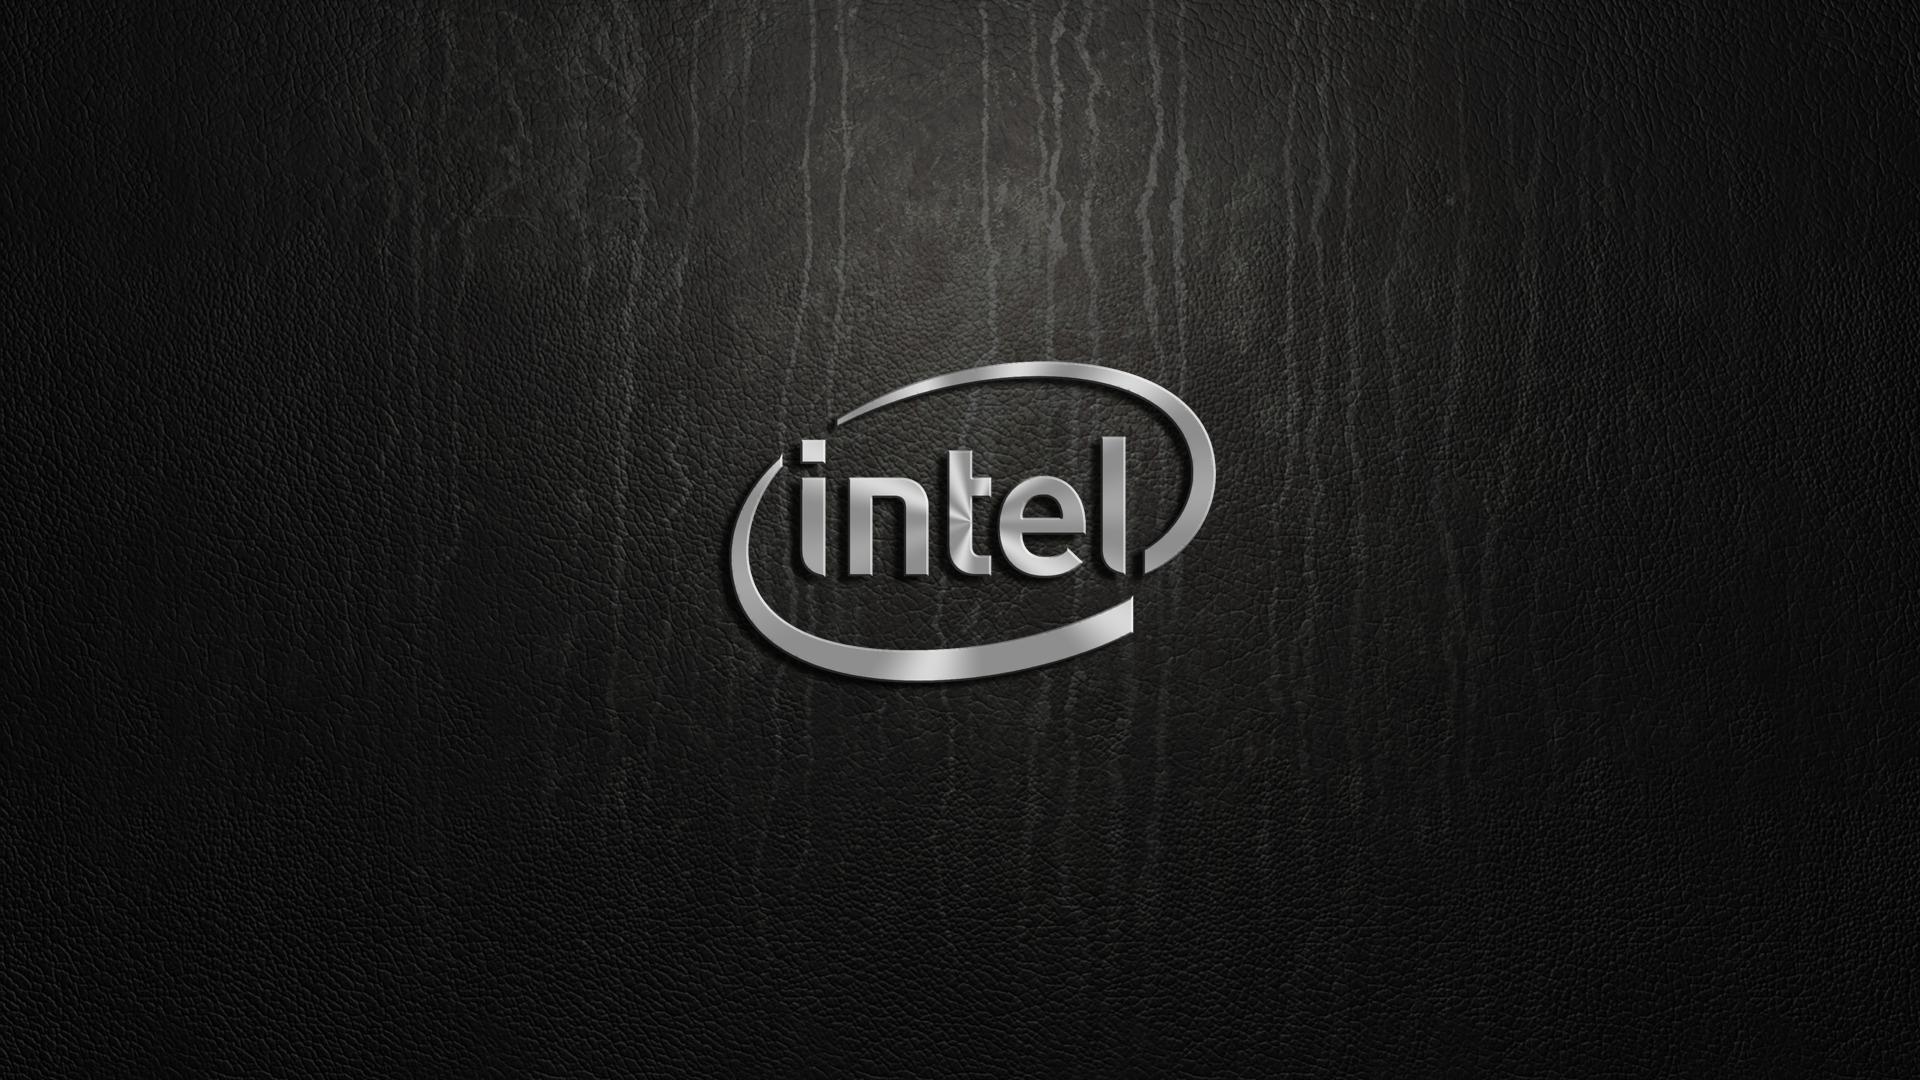 Πότε θα κυκλοφορήσει η CPU Core i9-9900K 9ης γενιάς της Intel